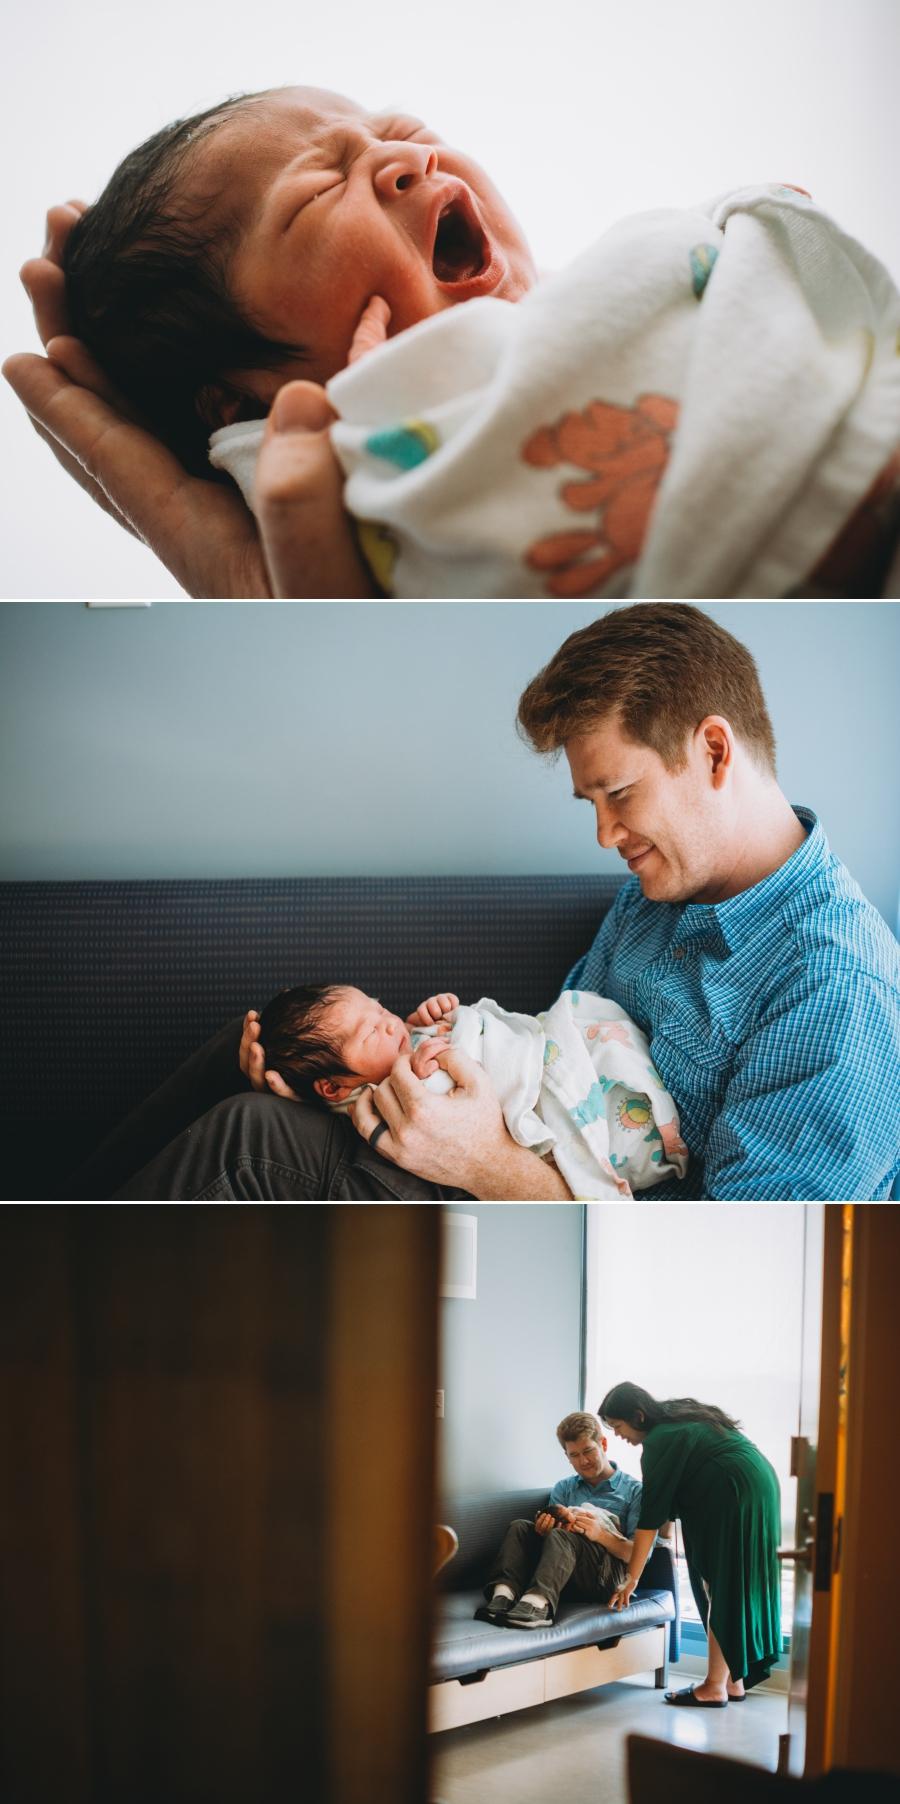 BABY ROWAN 21